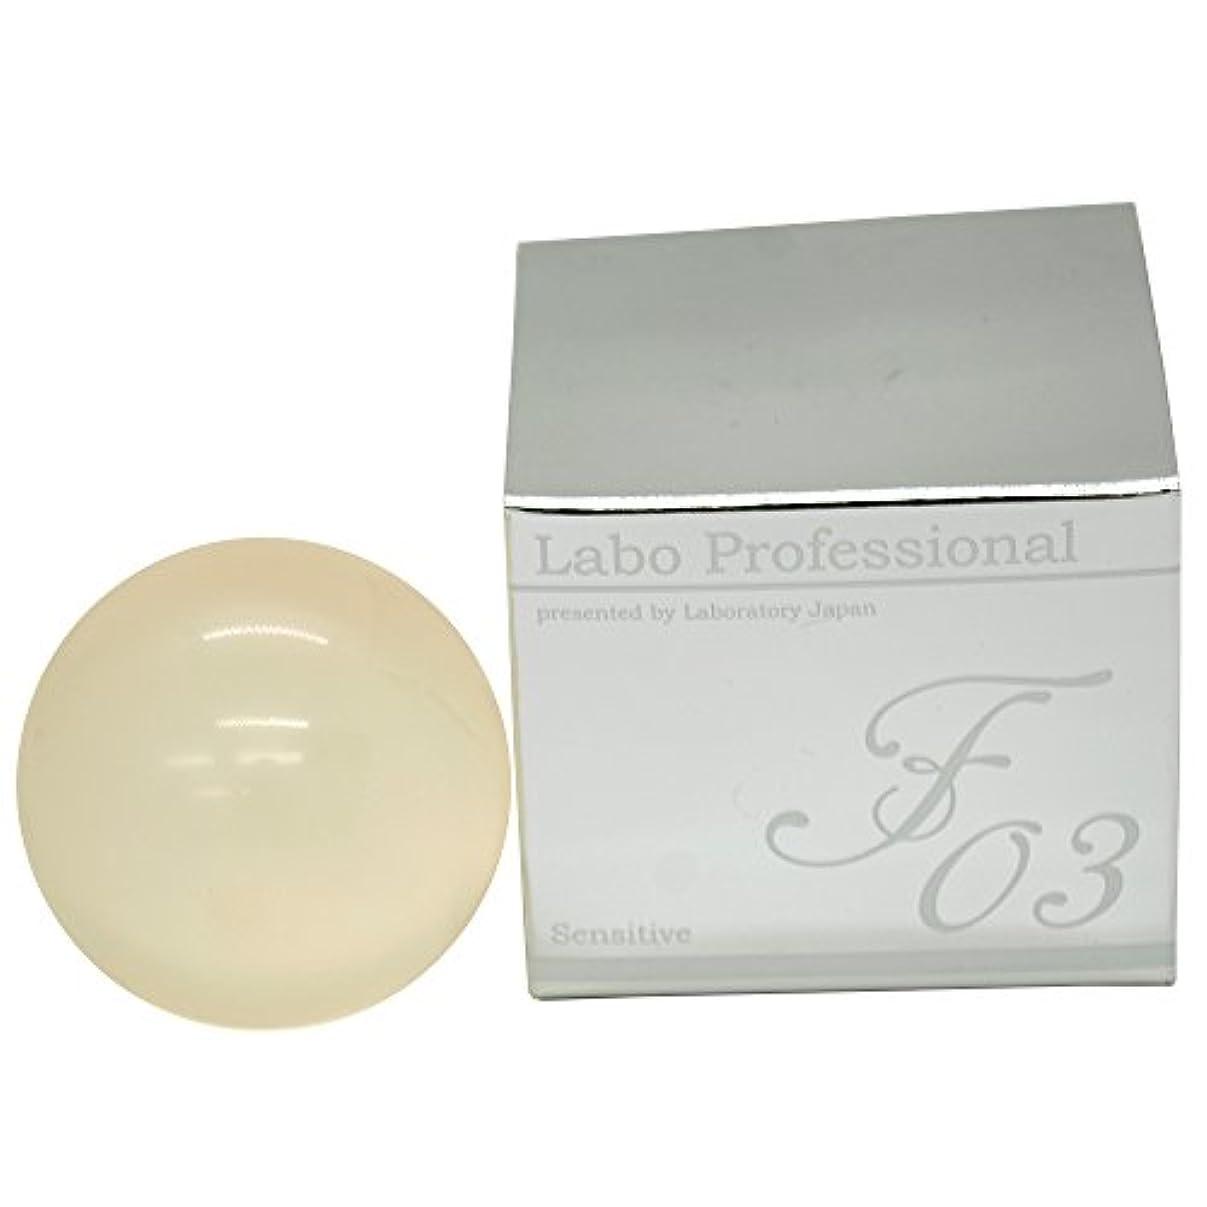 地雷原はちみつ打ち負かす日本製【真性フコイダン配合】赤ちゃんから使える 敏感肌向け美容石鹸|Labo Professional F03